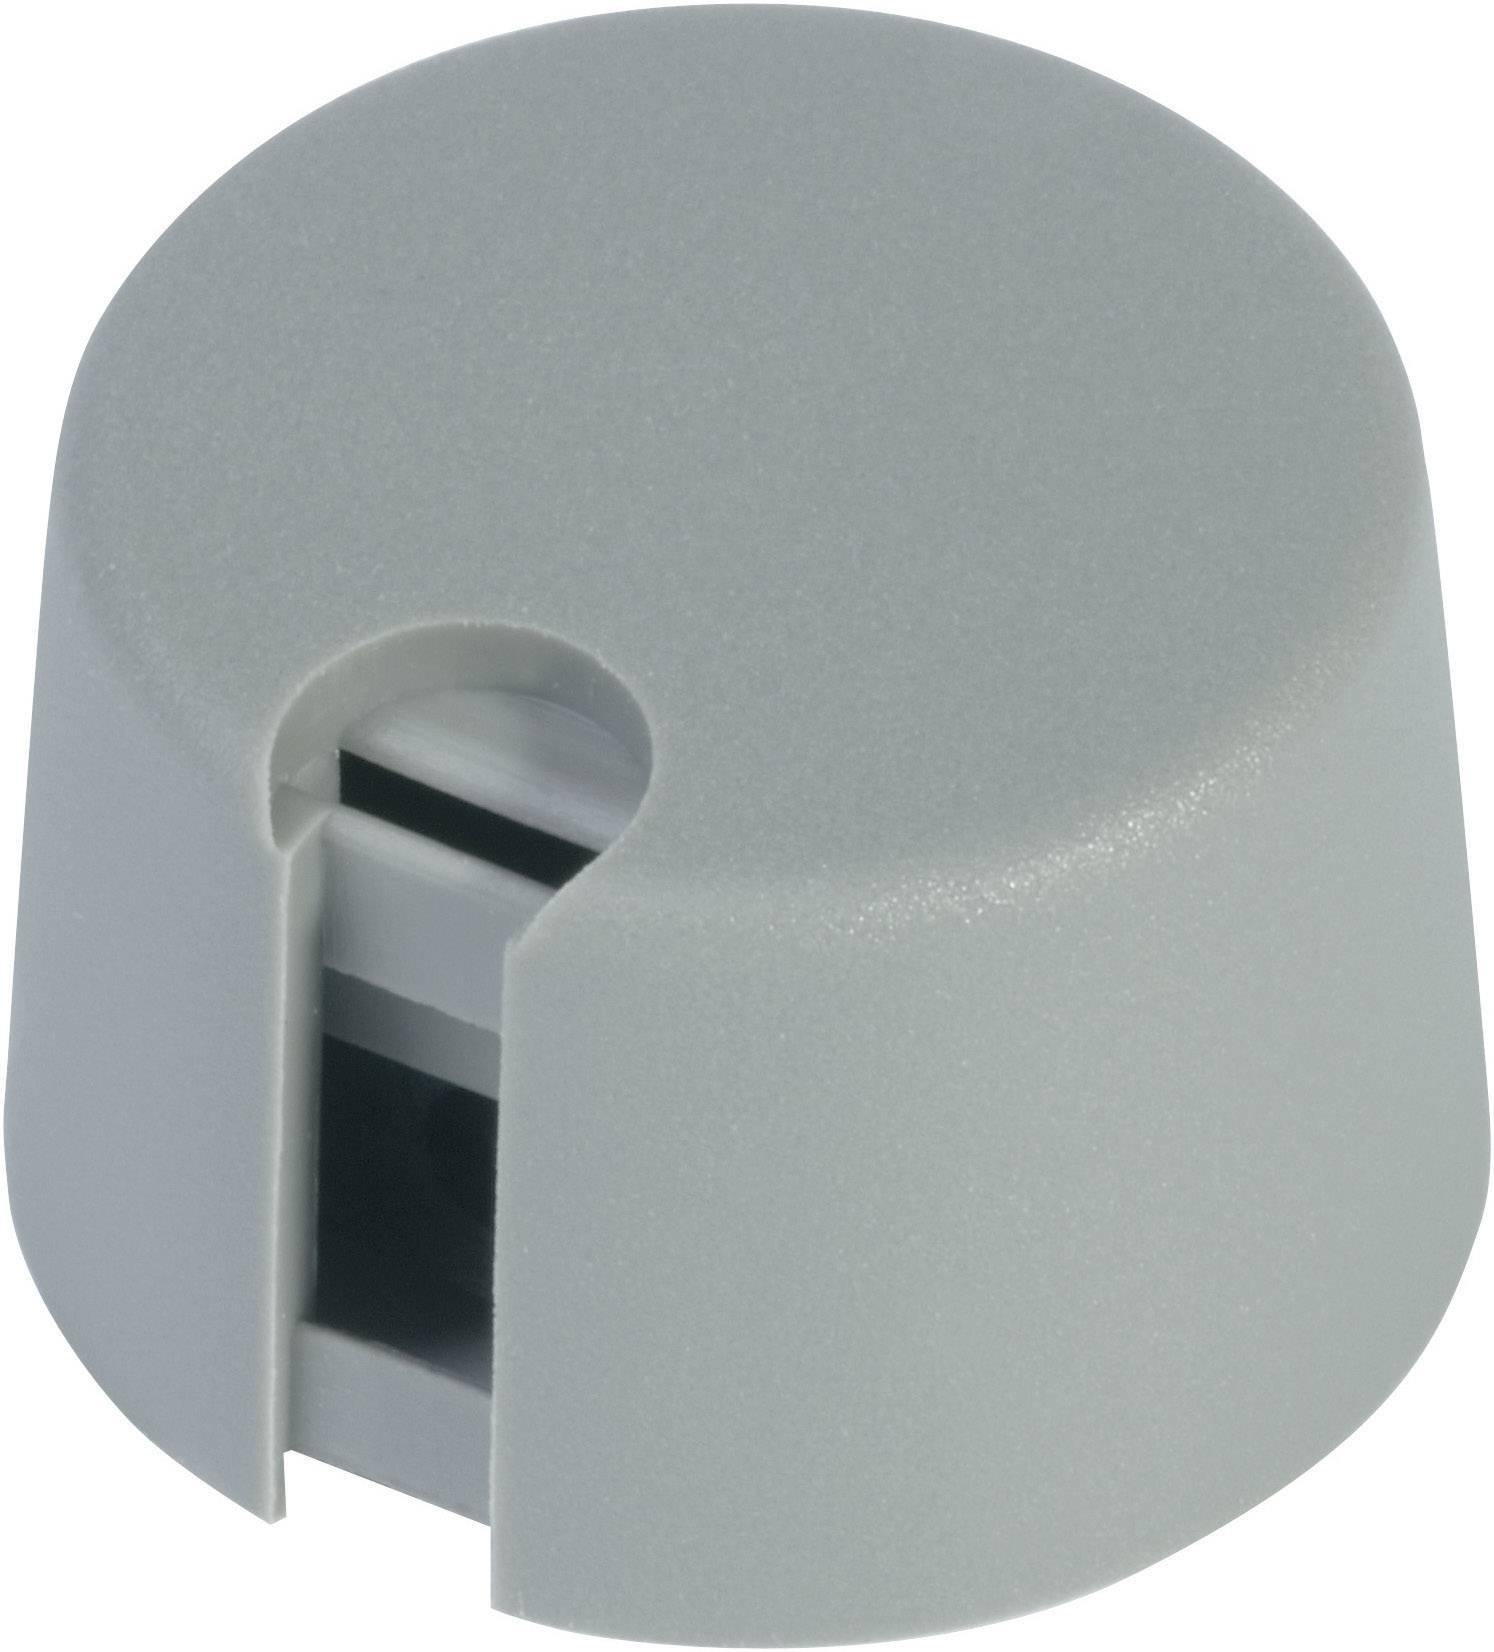 Ovládací knoflík OKW, Ø 31 mm x V 16 mm, 6 mm, šedá